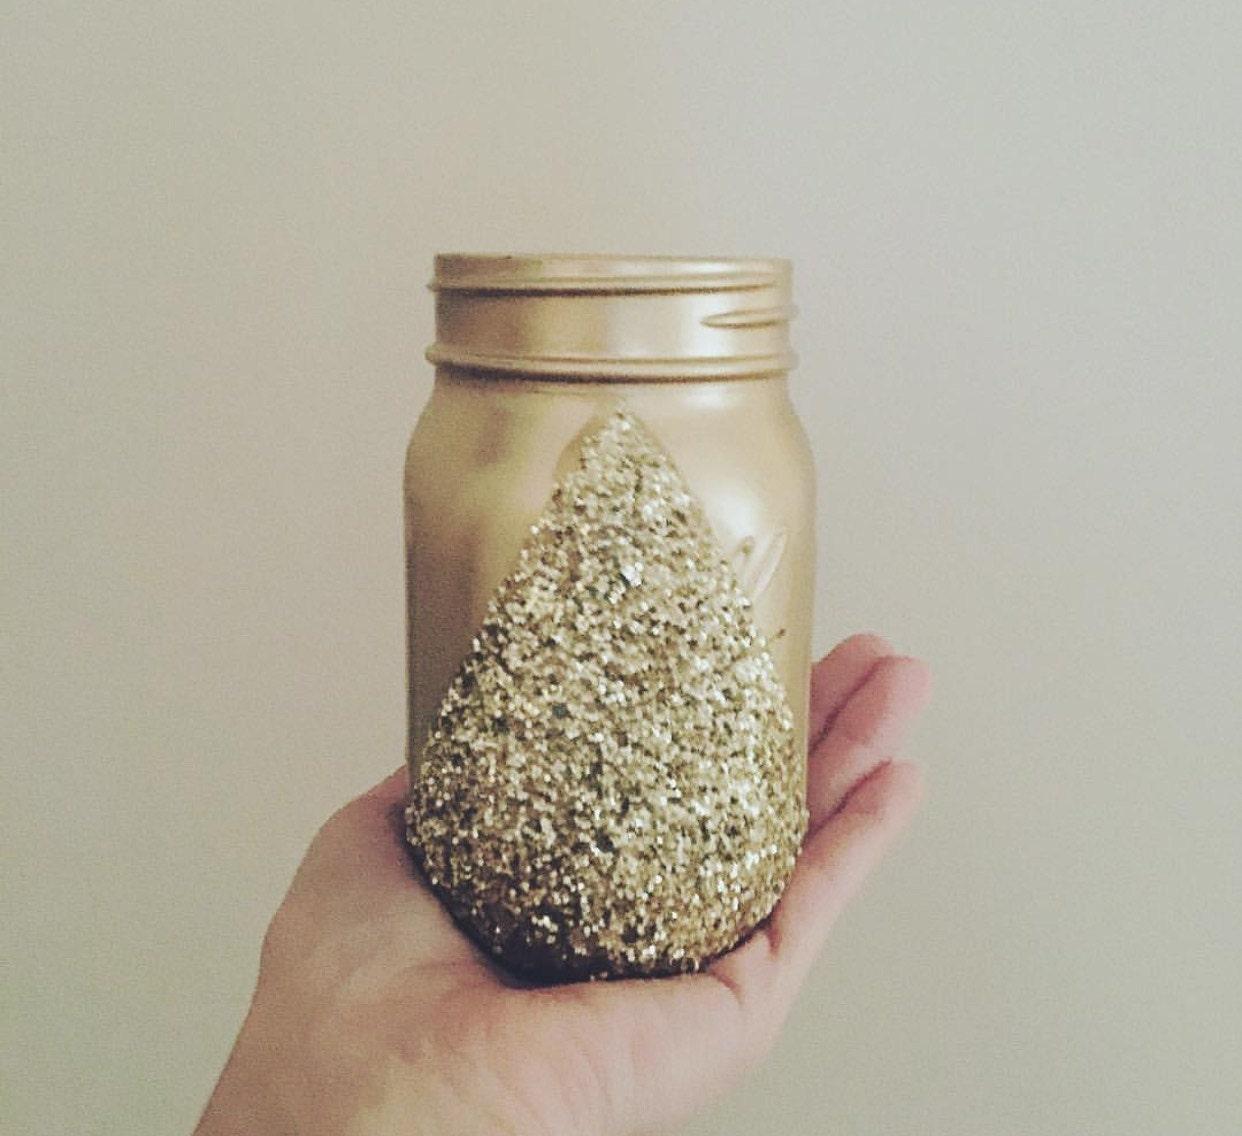 gold glitter mason jars glitter home decor pint mason jars gold glitter mason jars glitter home decor pint mason jars gold mason jar decor decorative mason jars